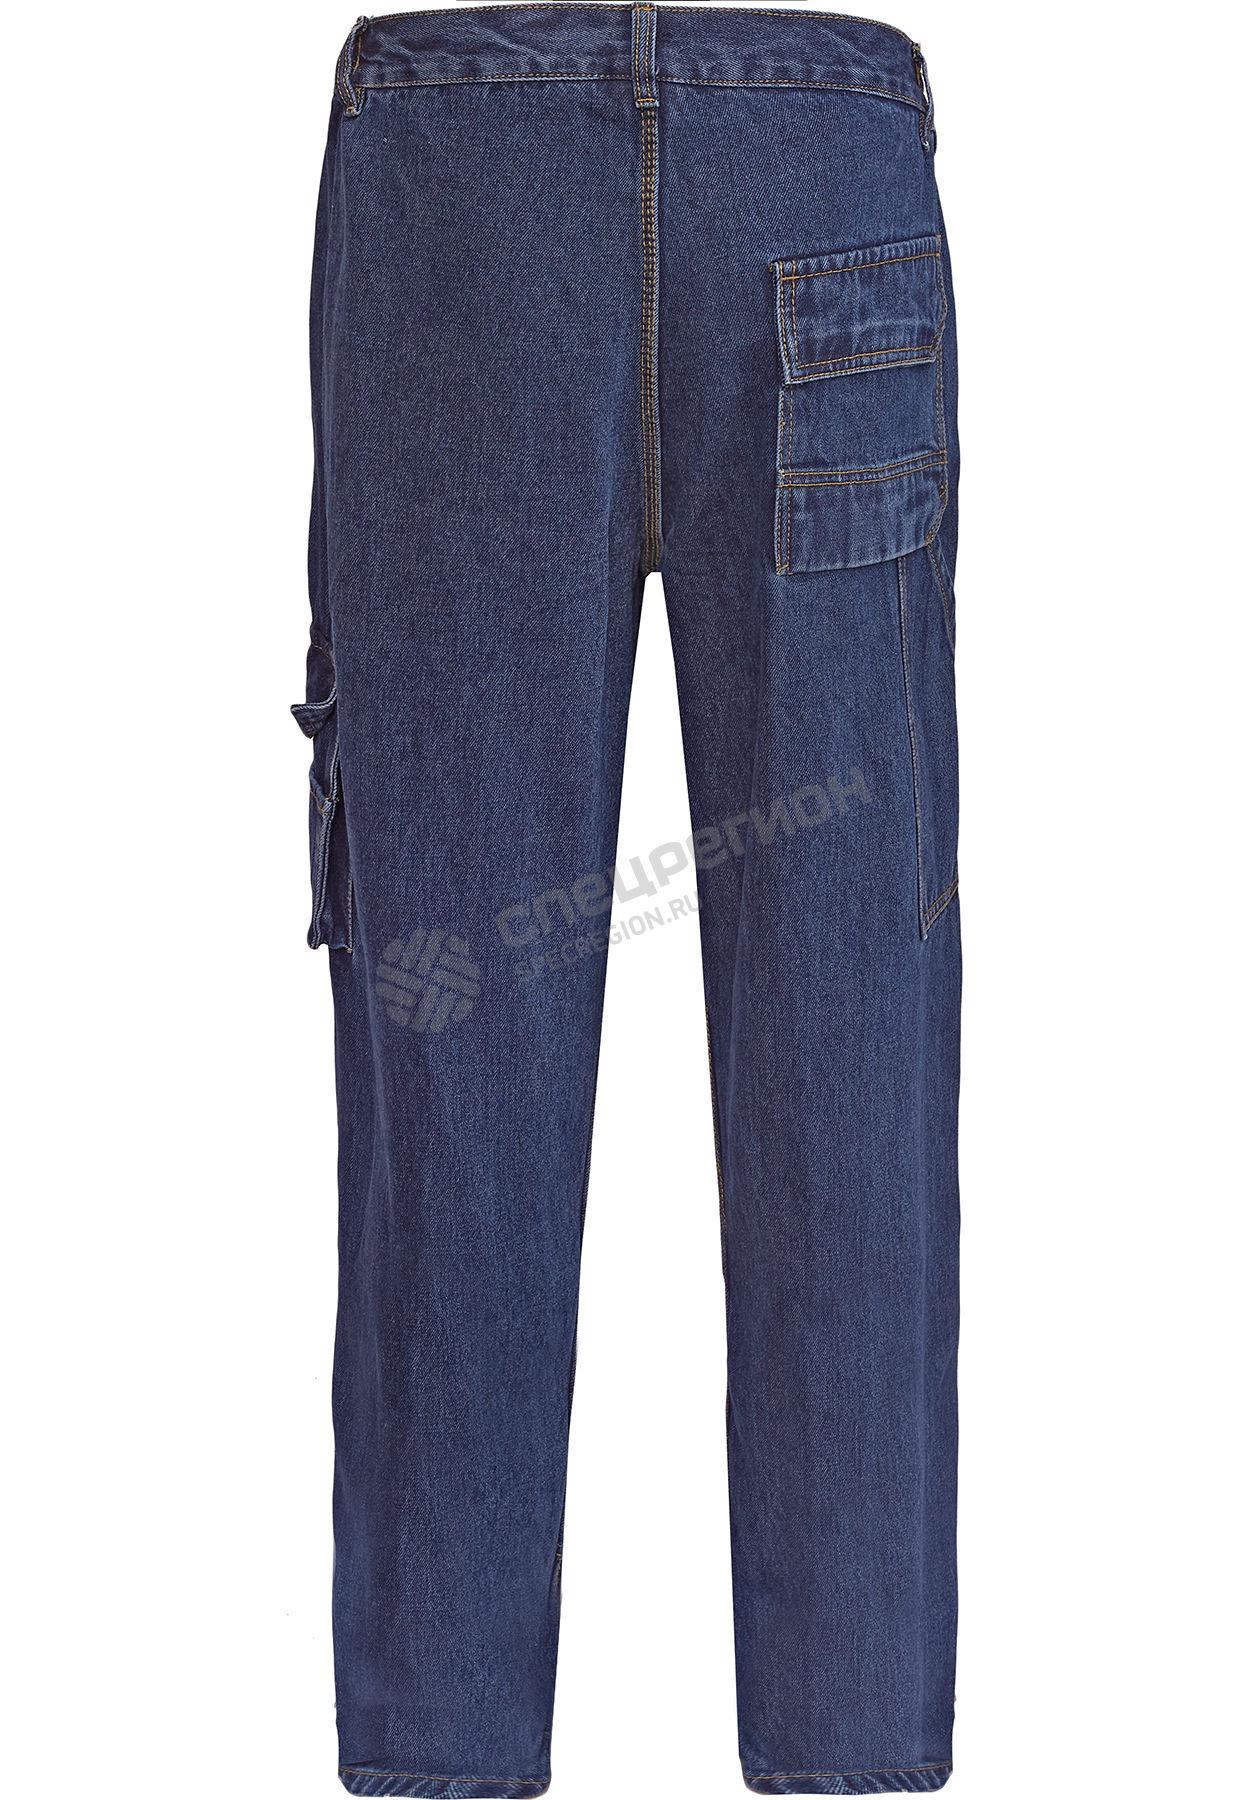 Купить брюки джинсовые